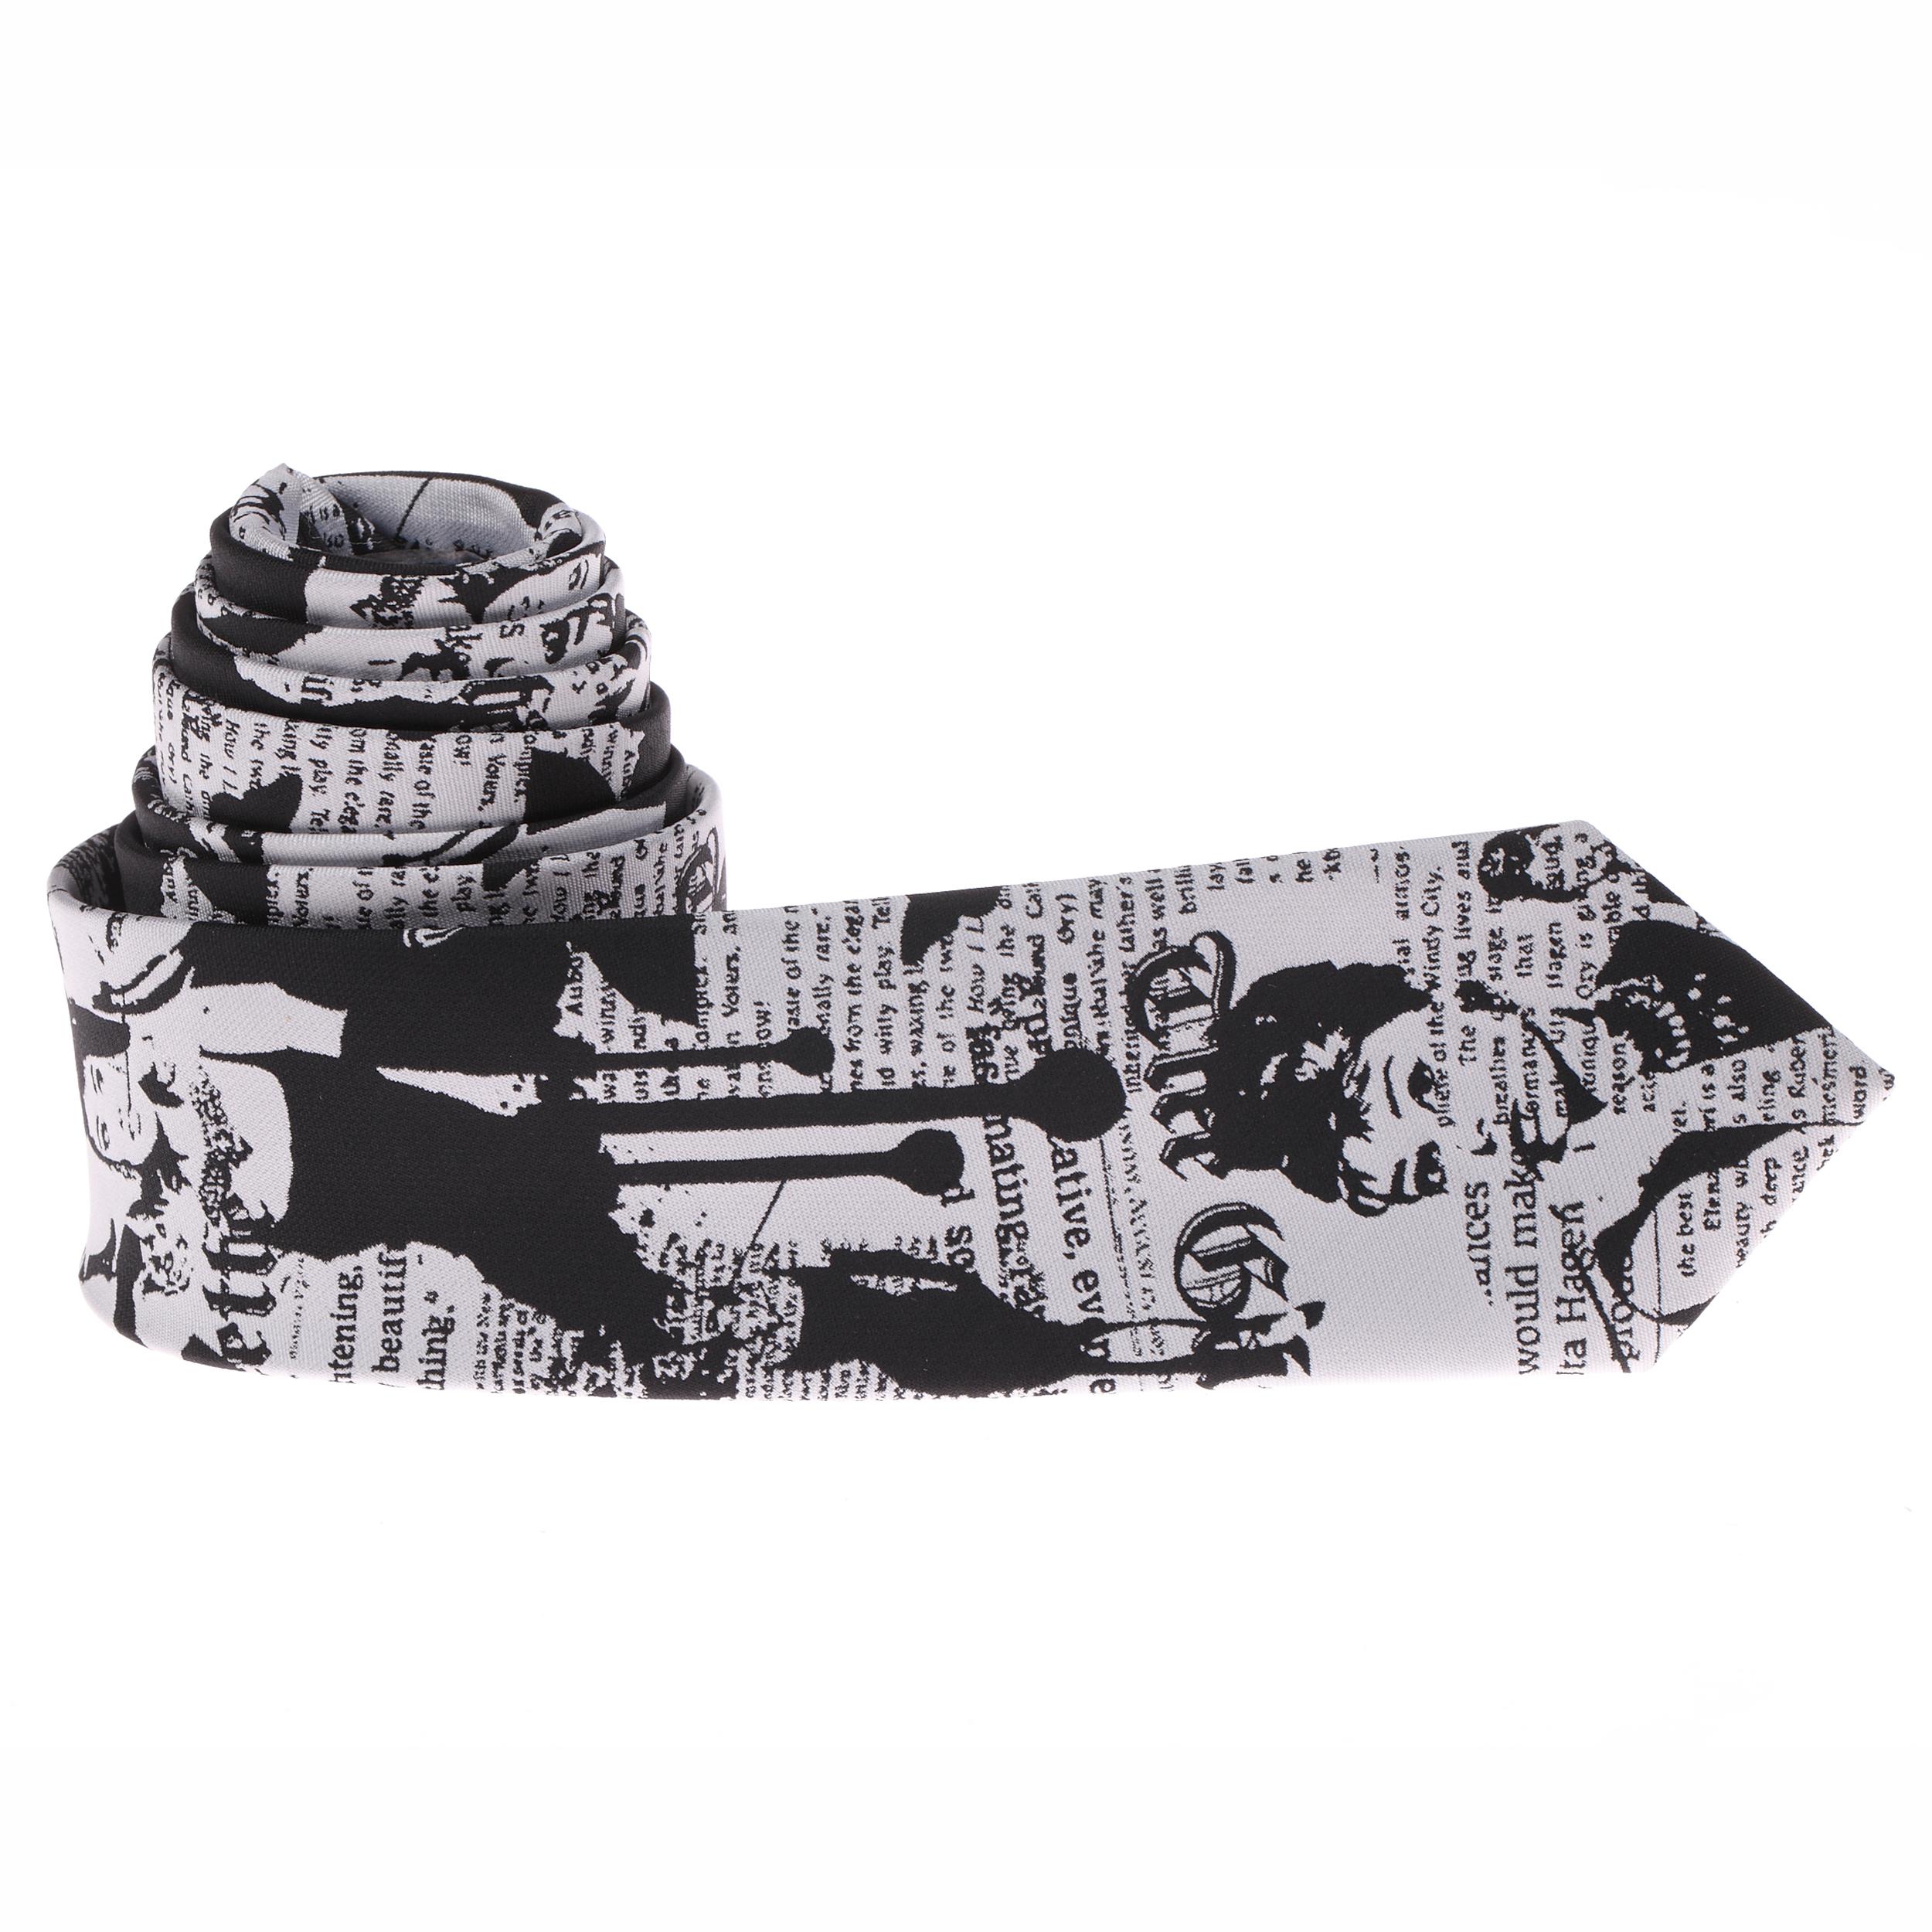 Cravate slim grise et noire avec impressions \